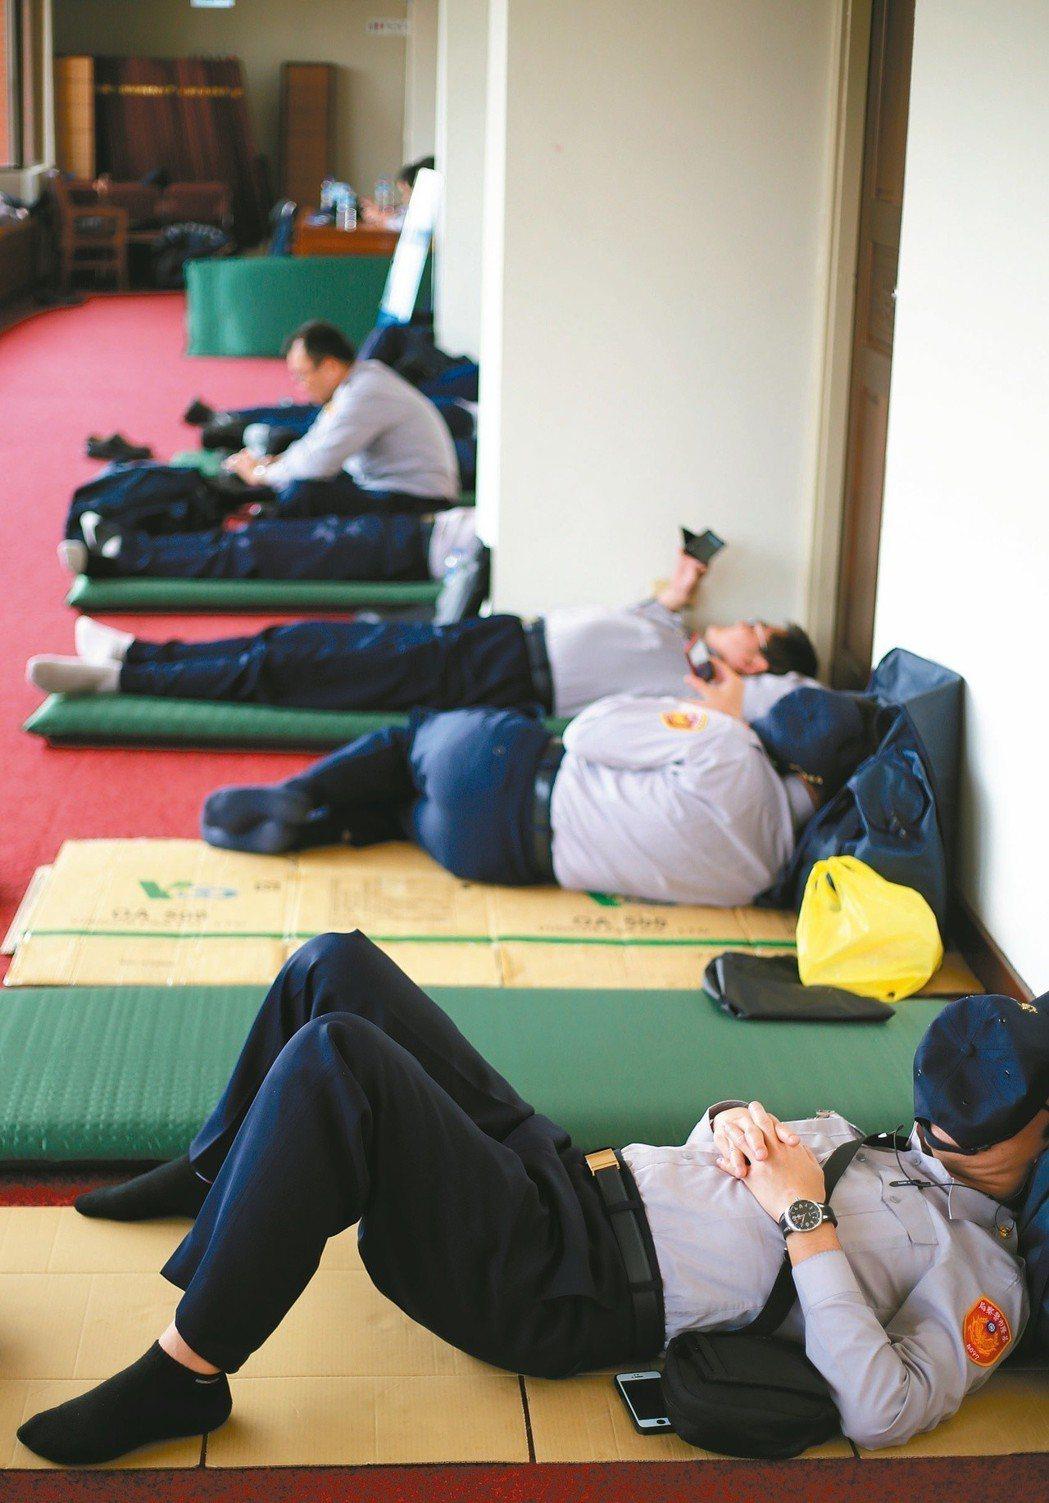 陳抗頻仍,大批基層員警兵疲馬困。 圖/聯合報系資料照片